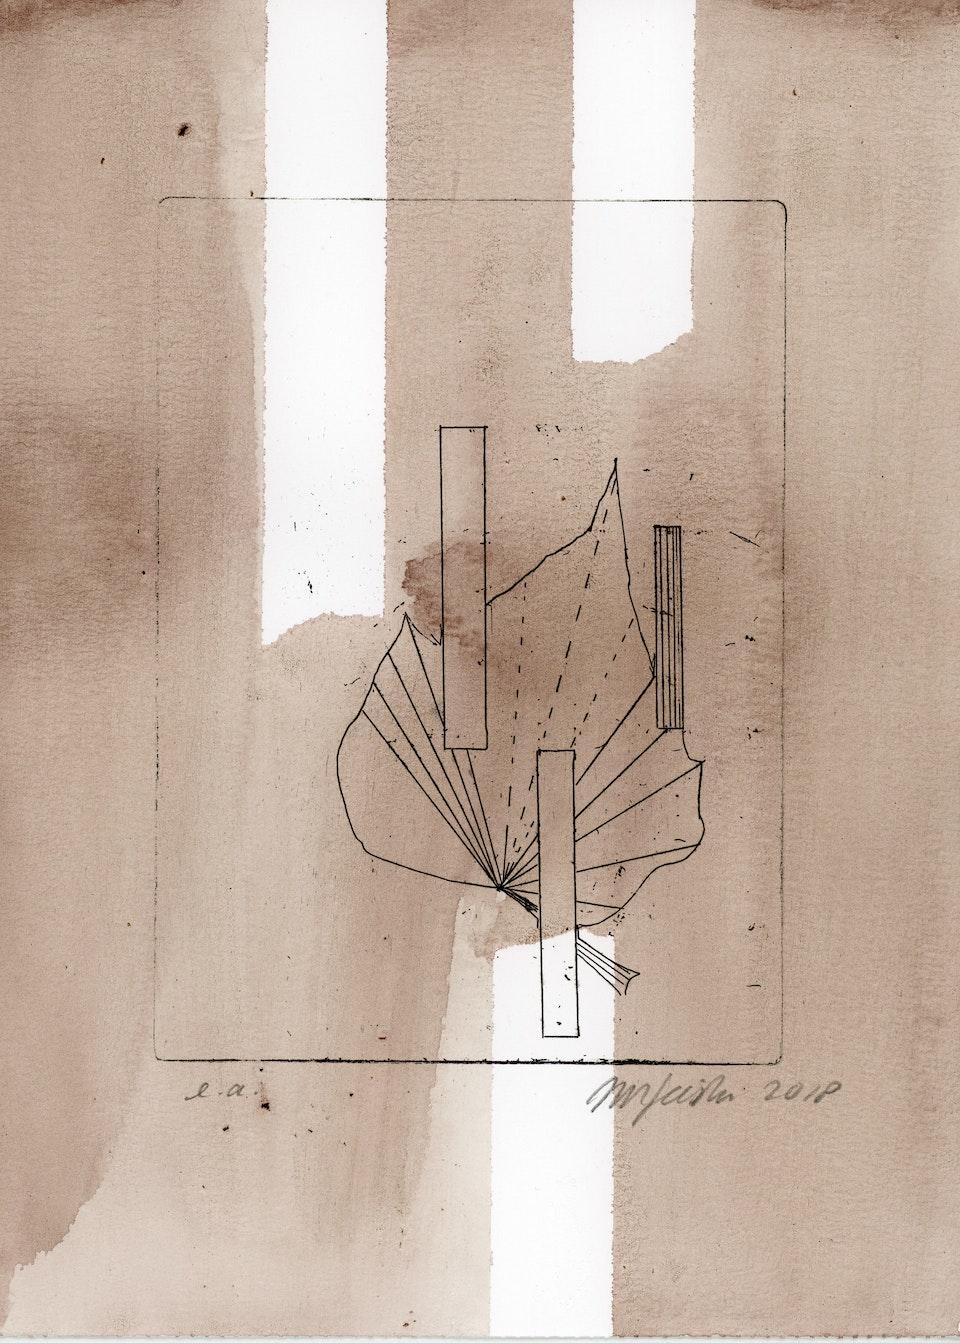 blad klimop-8 -